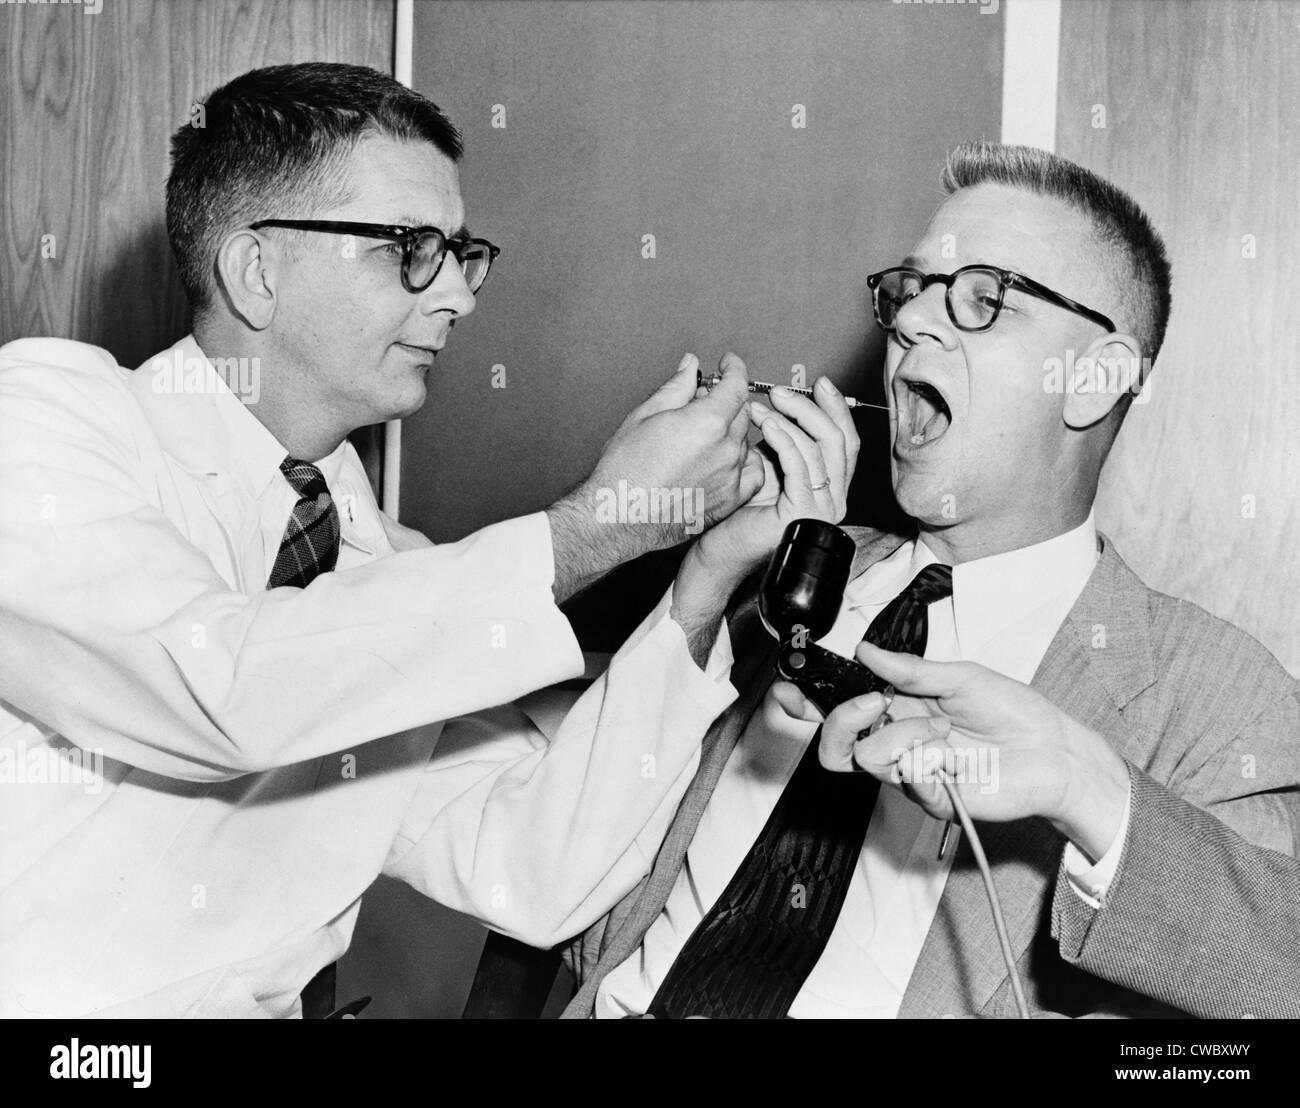 Le Dr Harry L. Williams crache de LSD à partir d'une seringue dans la bouche de Carl Curt Pfeiffer, M.D., Photo Stock